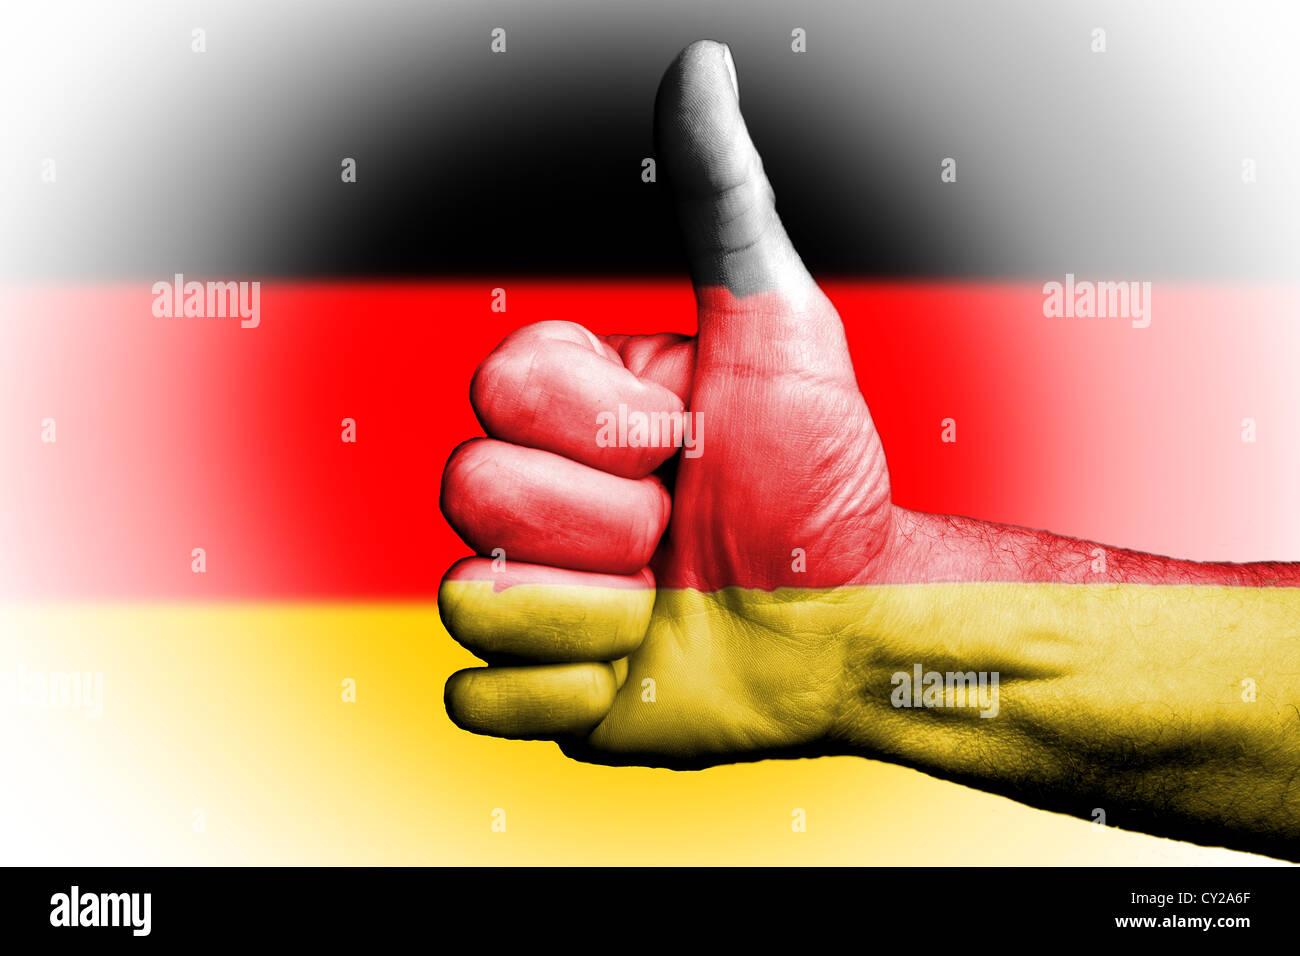 Thumbs up für Deutschland deutschen, sportliche Metapher, die wir gewinnen wollen herrschen, Vertrauensvotum Stockbild